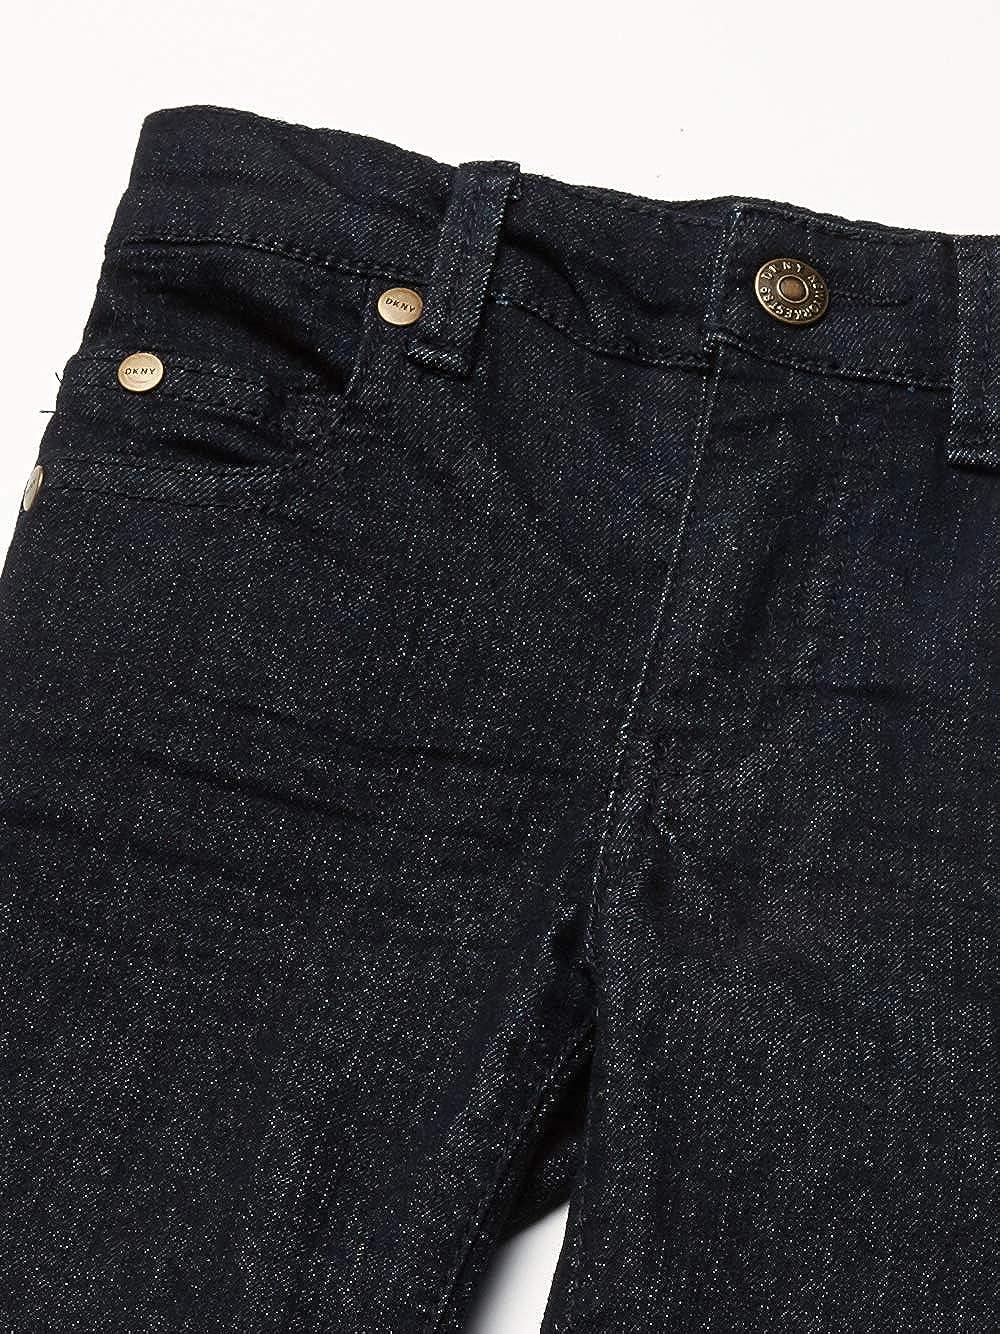 DKNY Boys Jeans